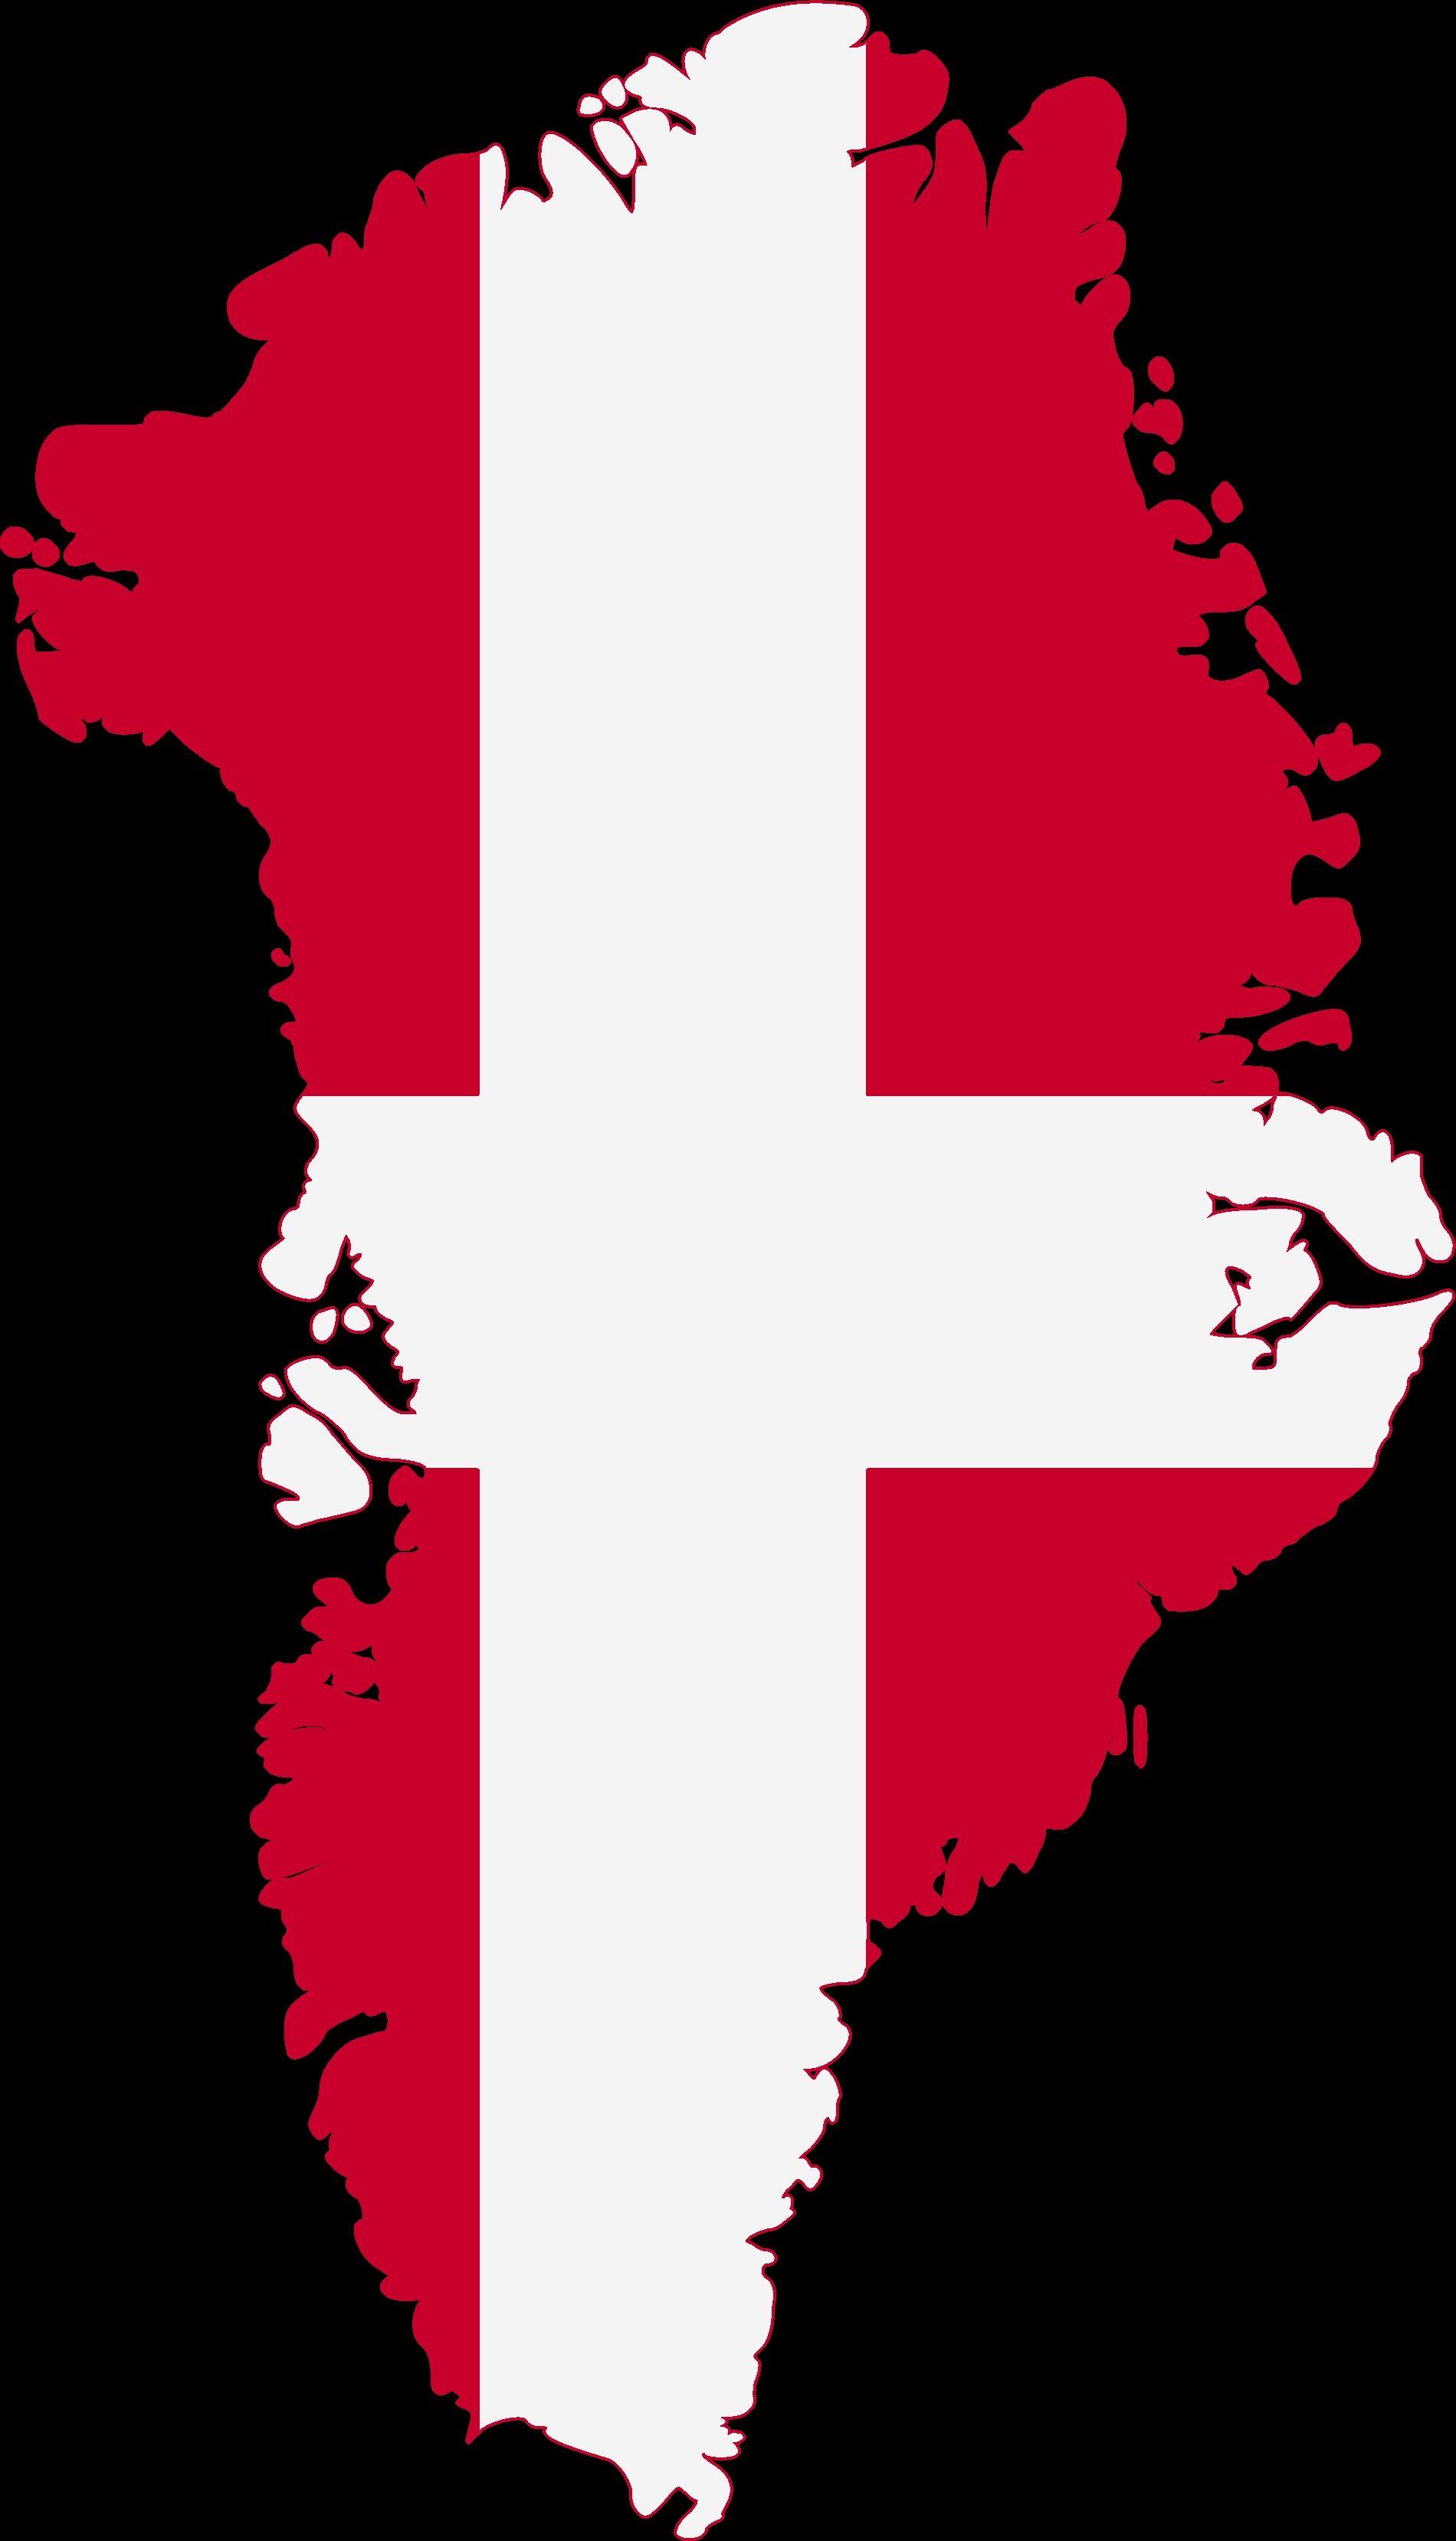 Free Online Dating in Denmark - Denmark Singles